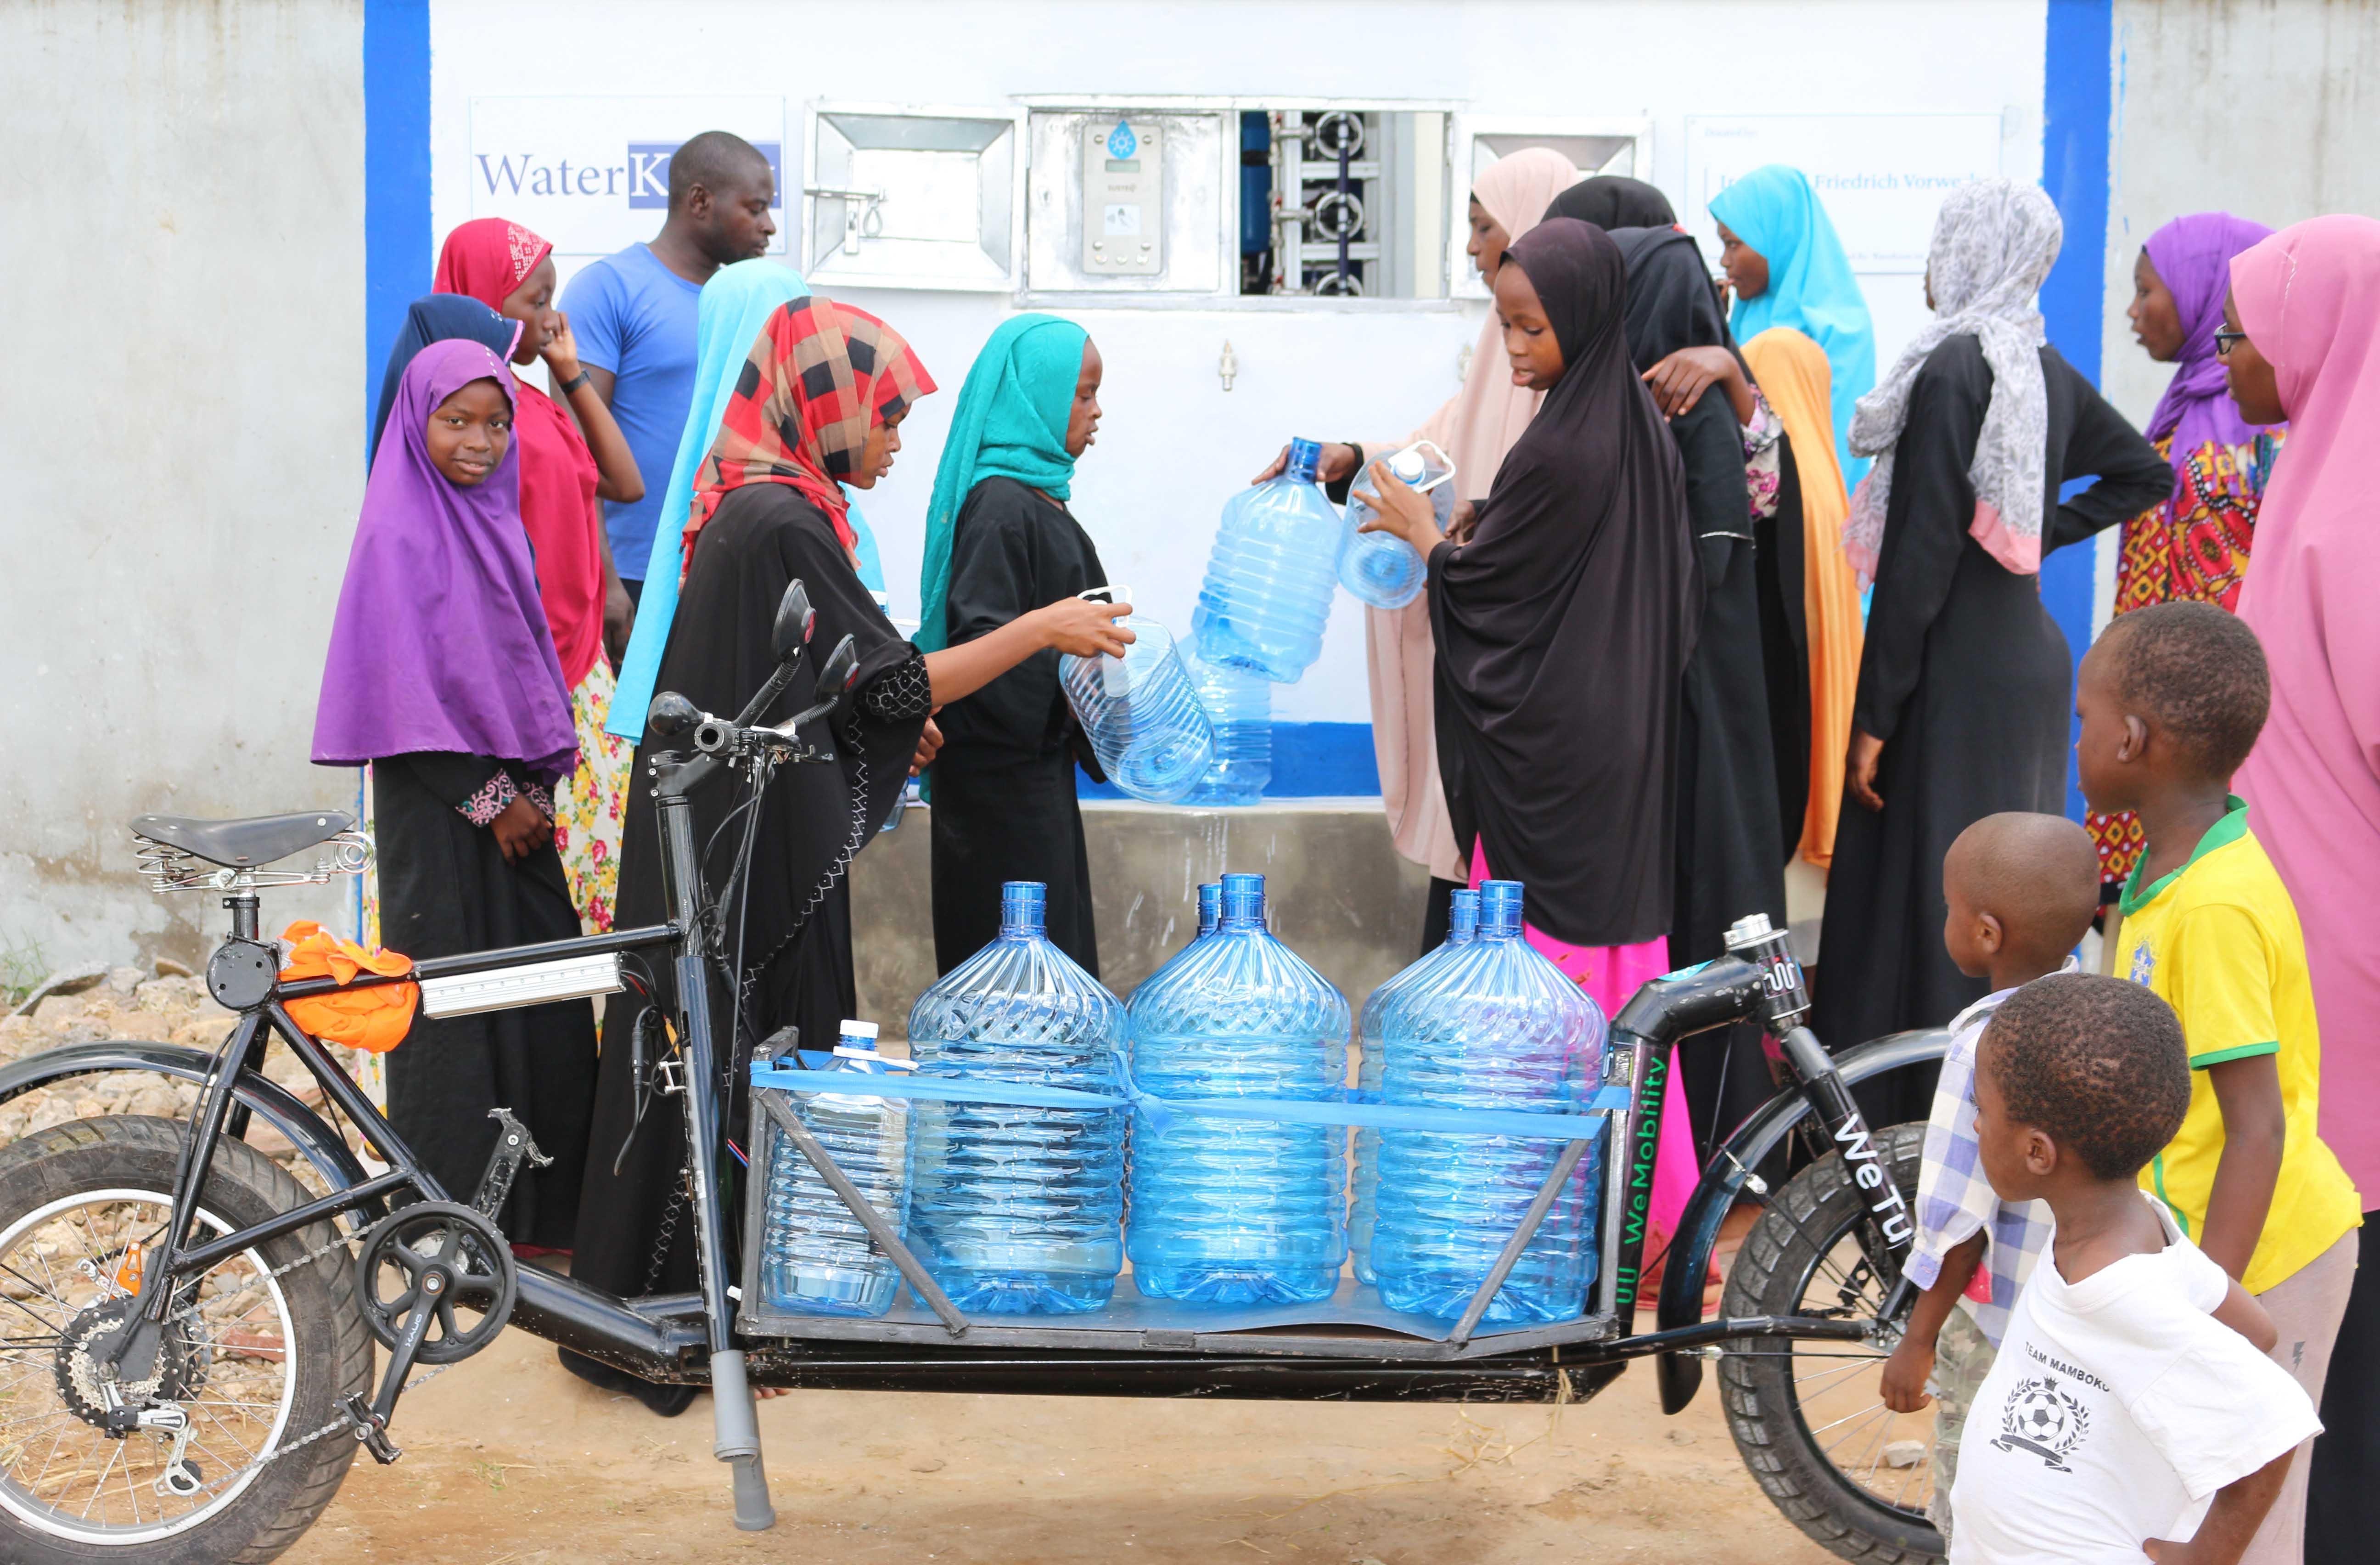 """""""جائزة محمد بن راشد للمياه"""" تحفز ابتكار تقنيات مستدامة تسهم في حل مشكلة شح المياه حول العالم"""